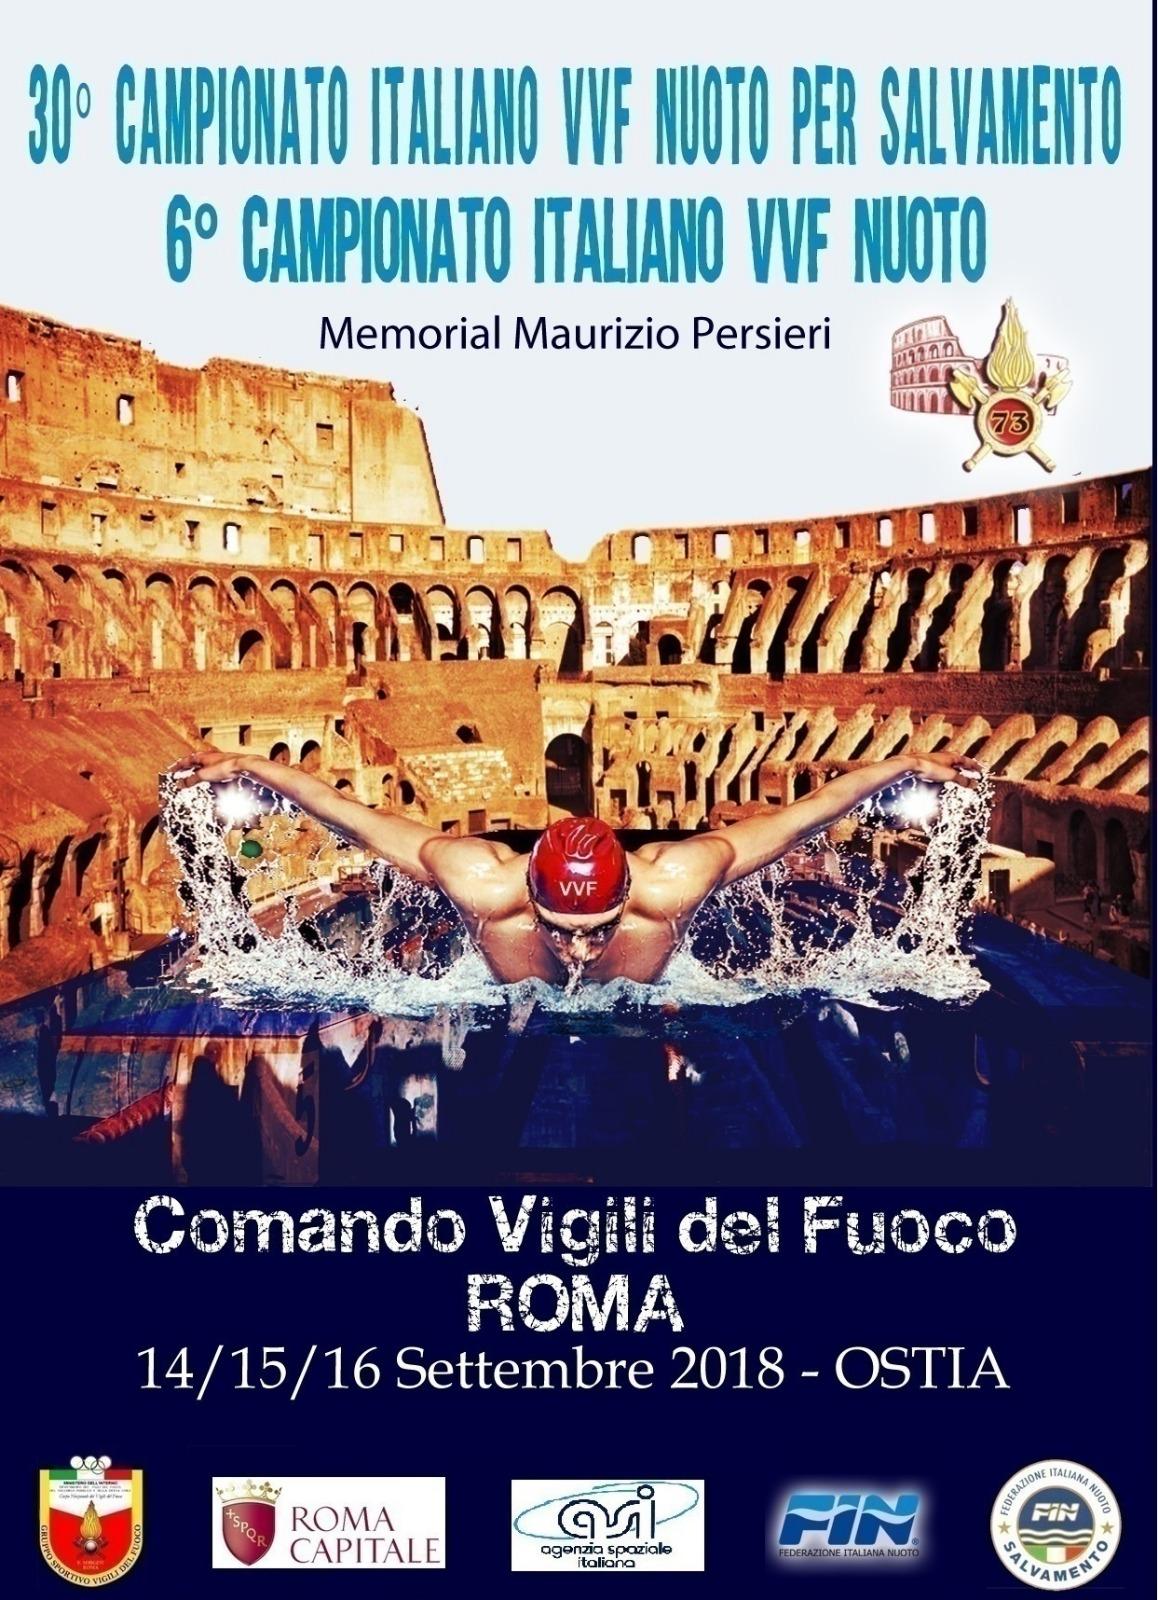 Roma vigili del fuoco e nuoto due eventi in programma ad for Programma arredamenti ostia